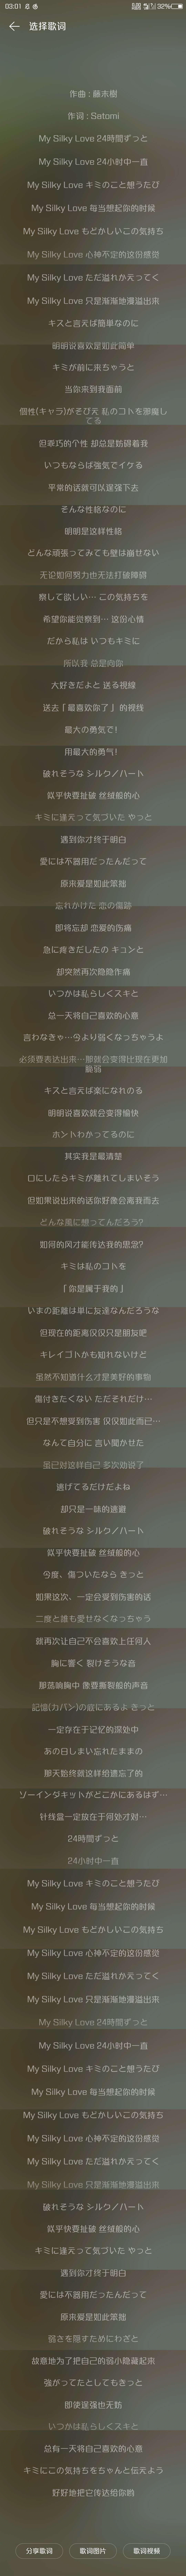 【动漫音乐】龙与虎 OP-小柚妹站